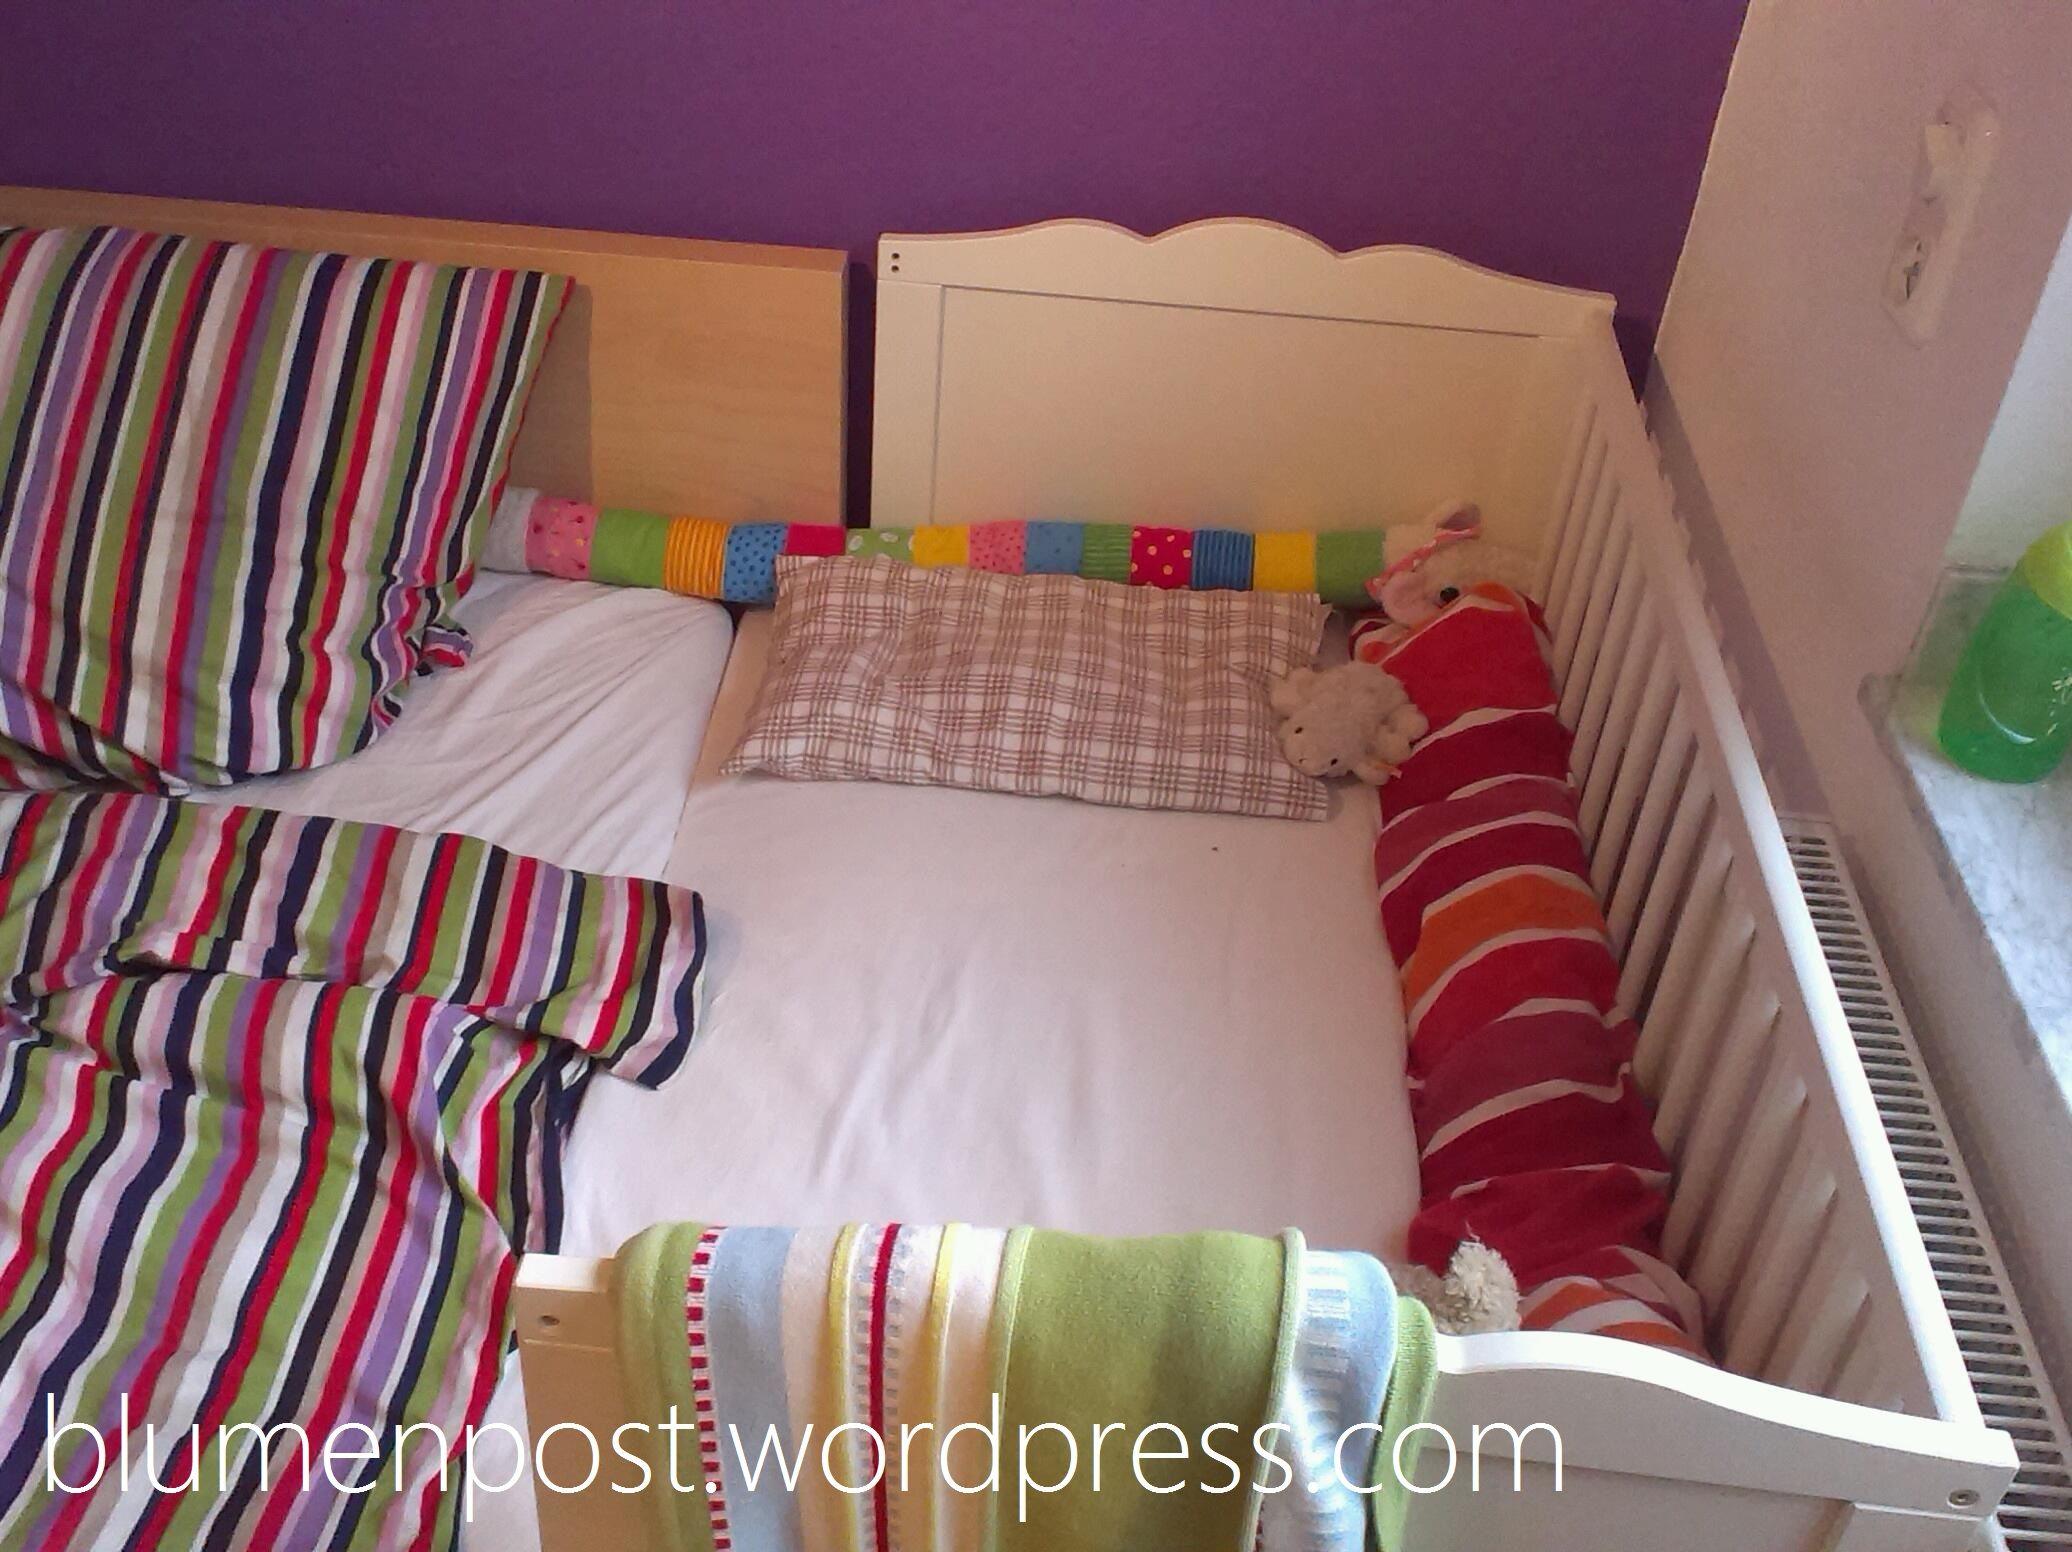 Familienbett | Pinterest | Wäsche, Monat und Plaetzchen